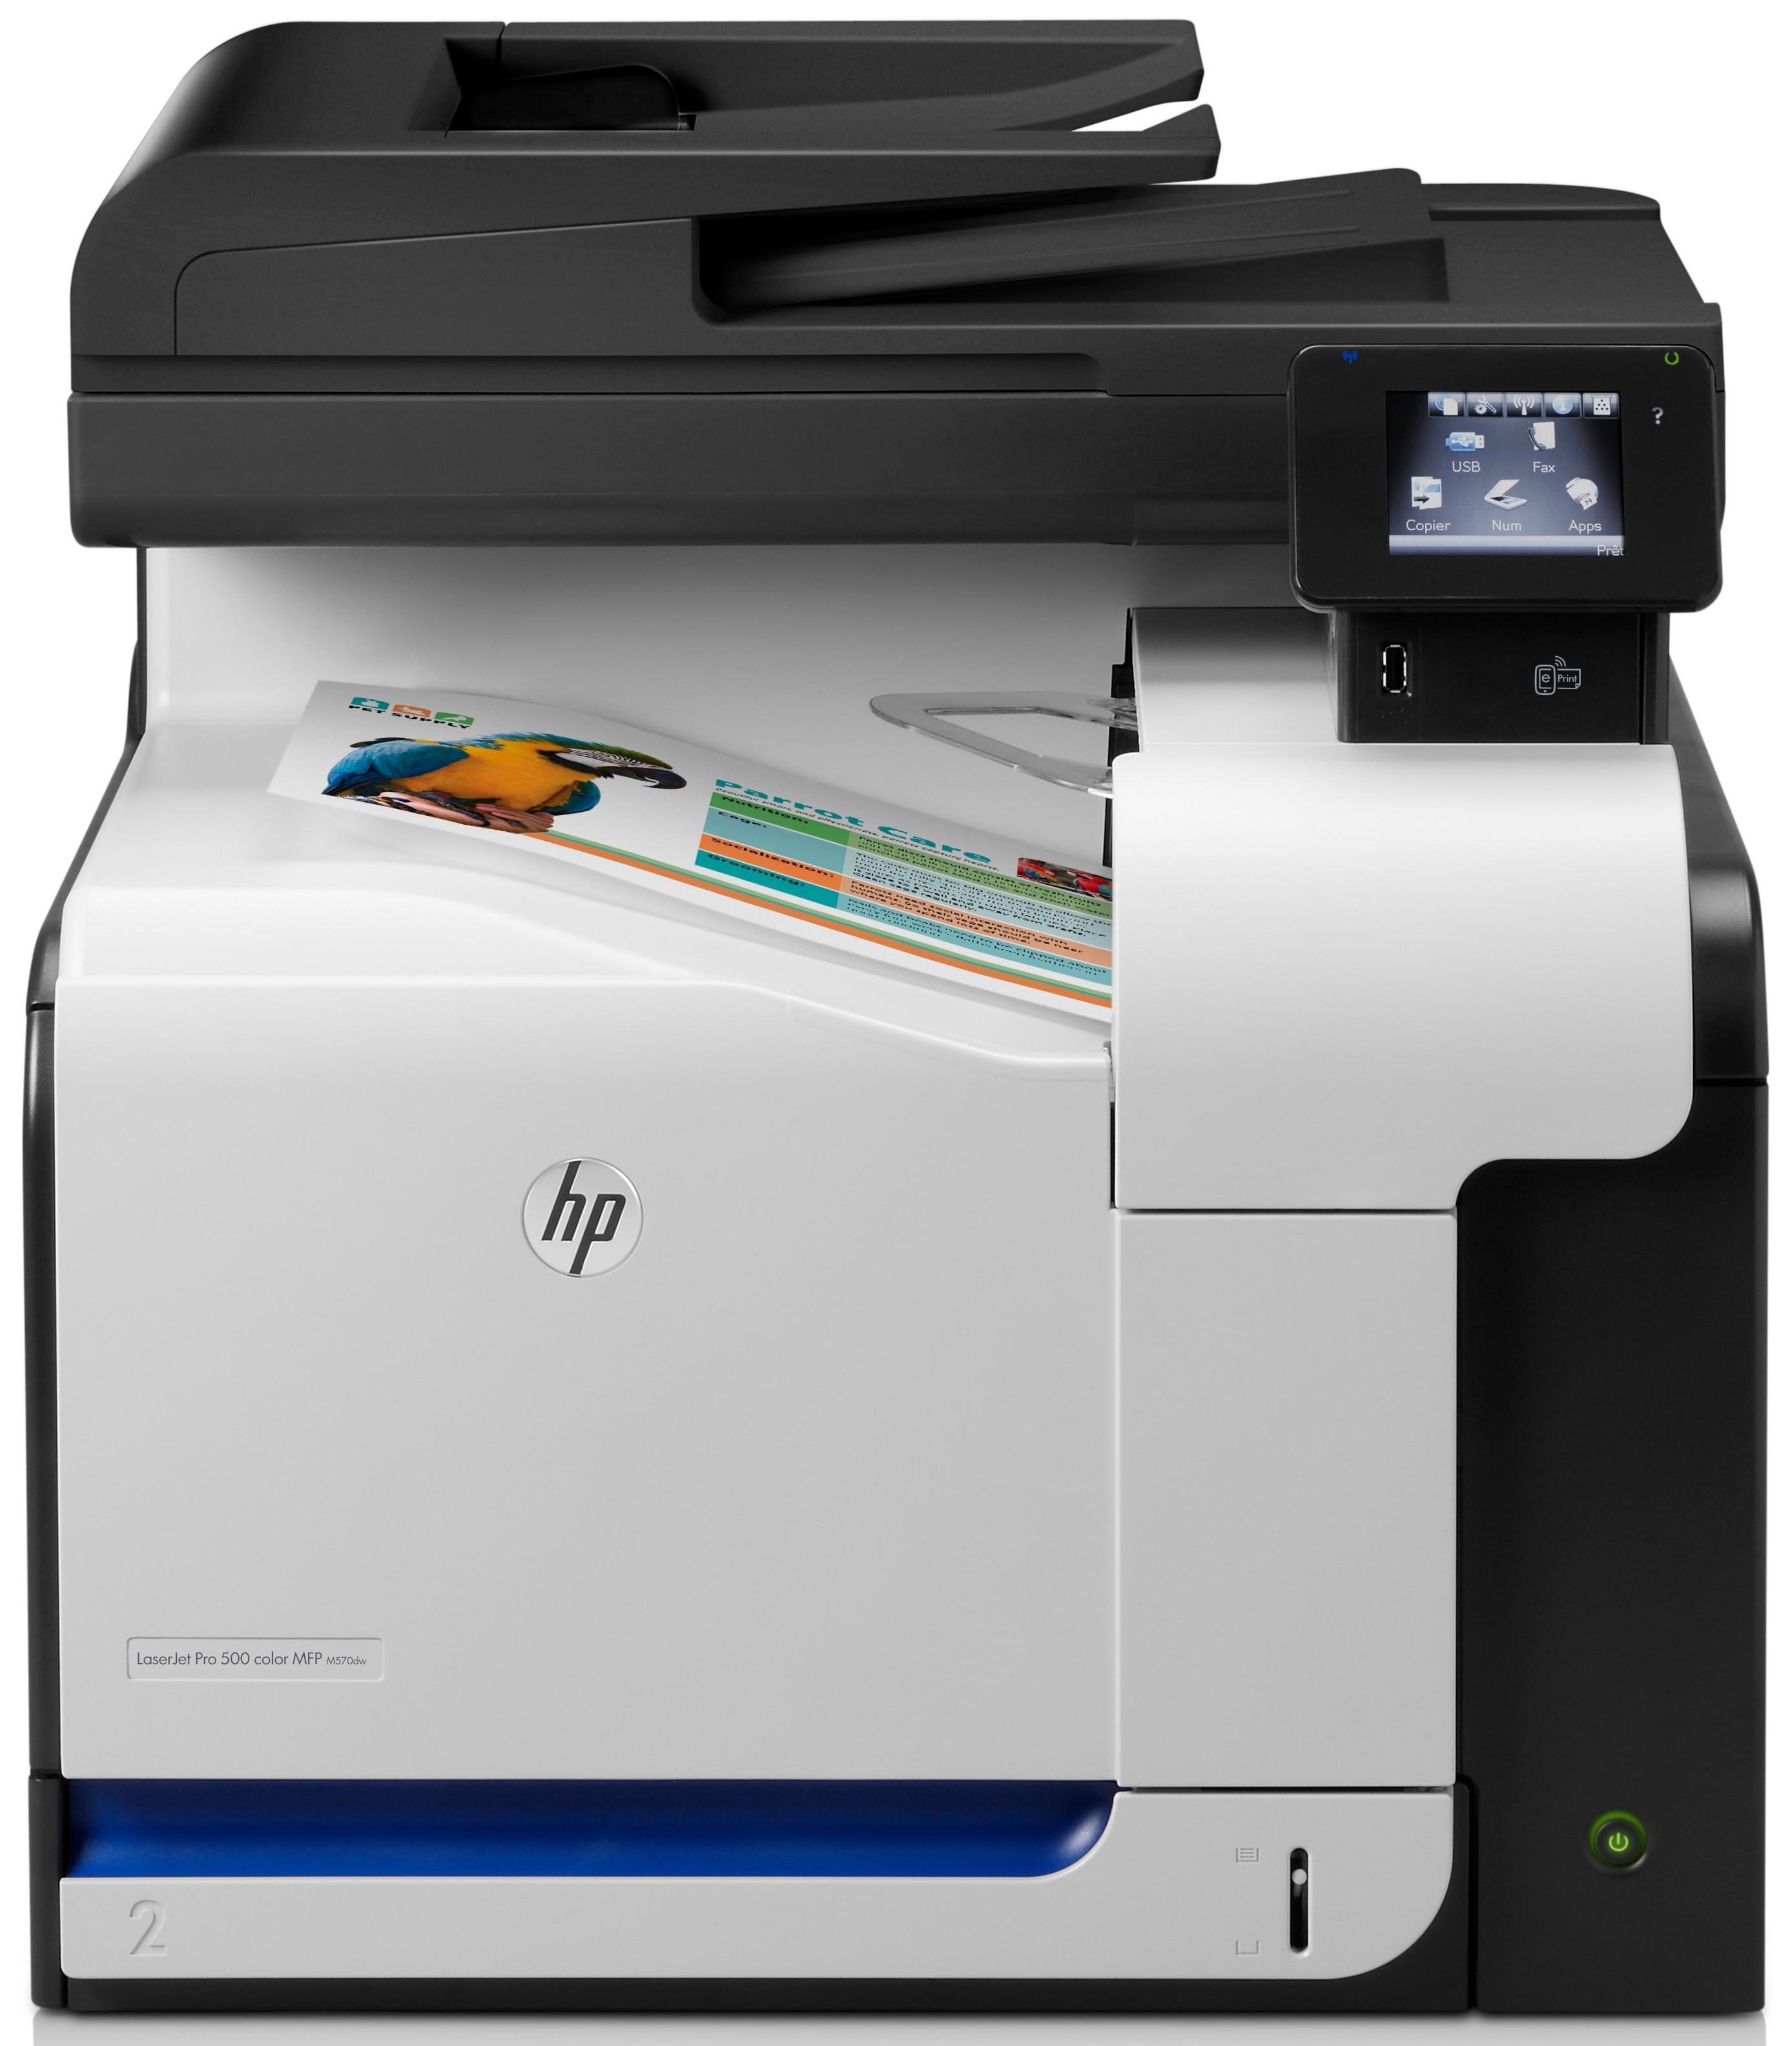 Hewlett-Packard HP Color Laserjet MFP M570DW, Farblaser Drucker, A4, 30 Seiten pro Minute, Drucken, Scannen, Kopieren, Fax, Duplex